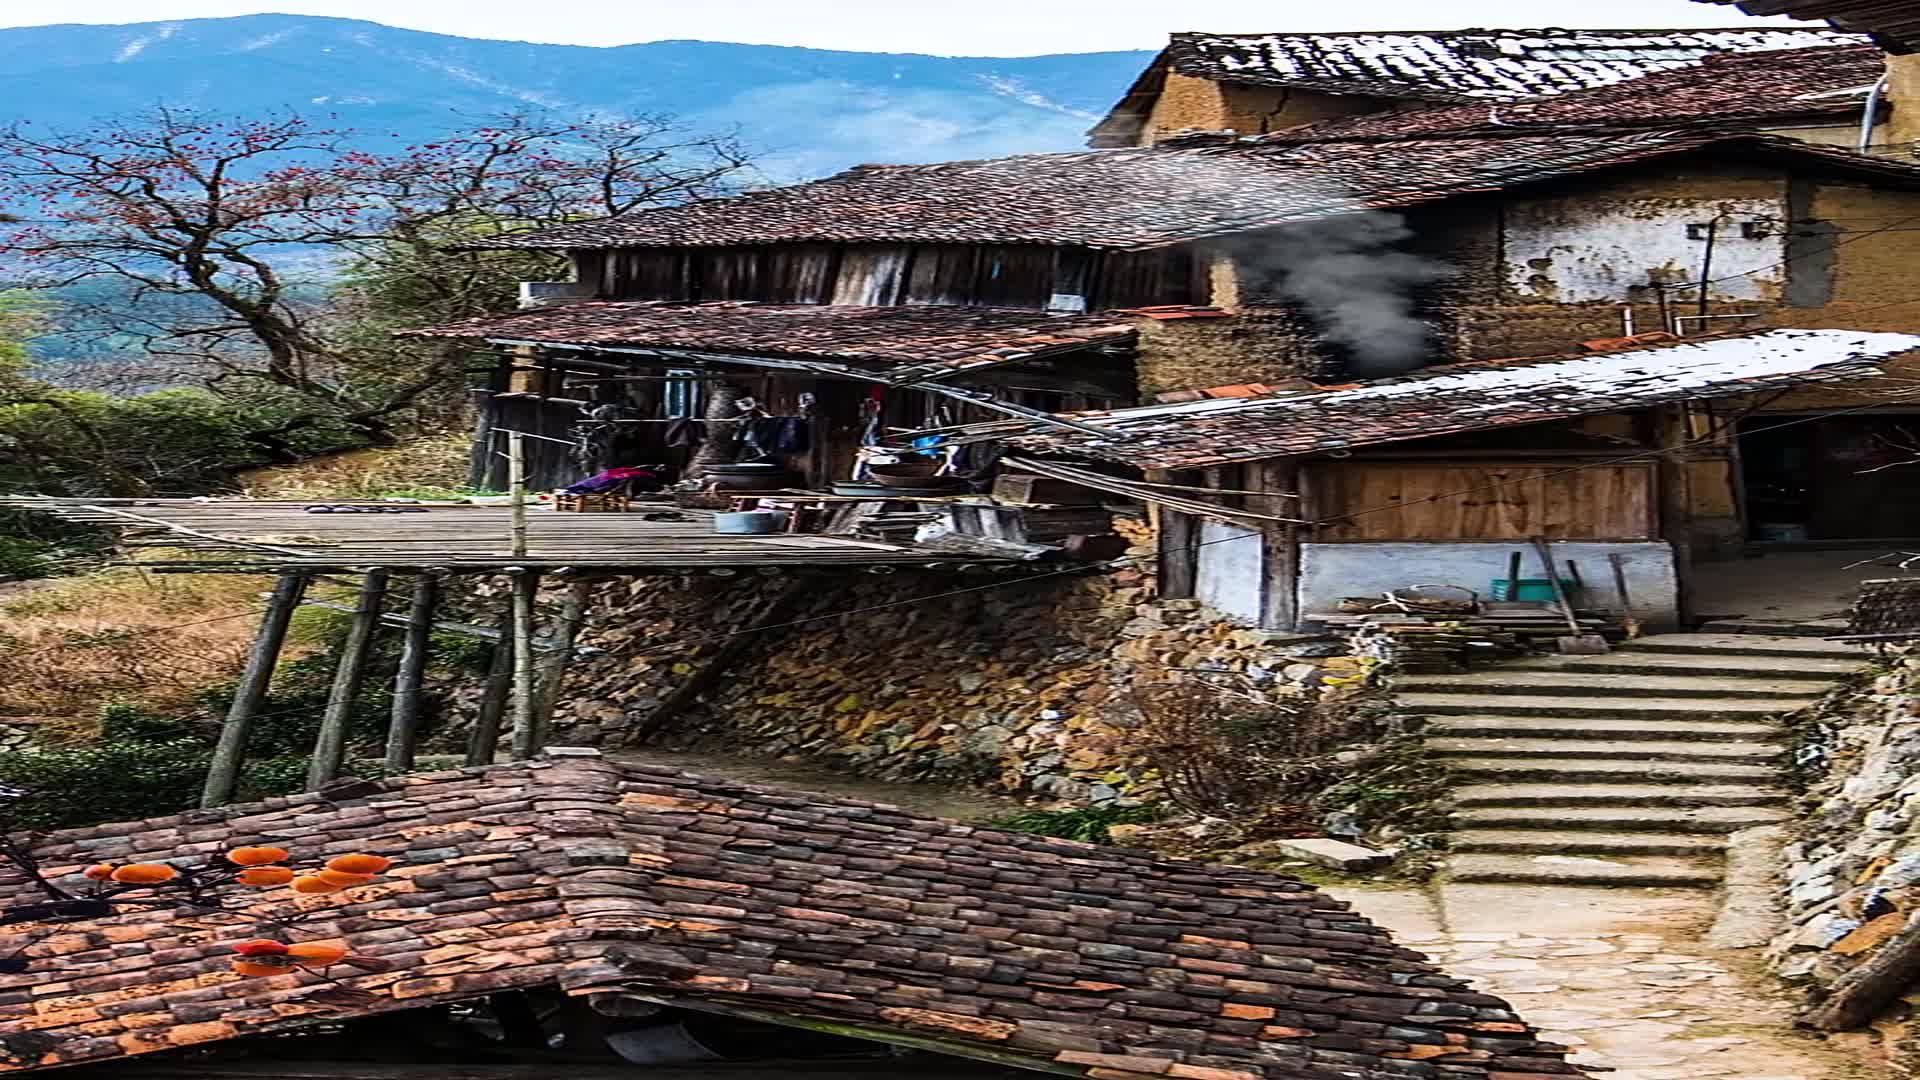 无论我们今后走了多远,都不会忘记儿时长大的那个村庄,虽不富裕